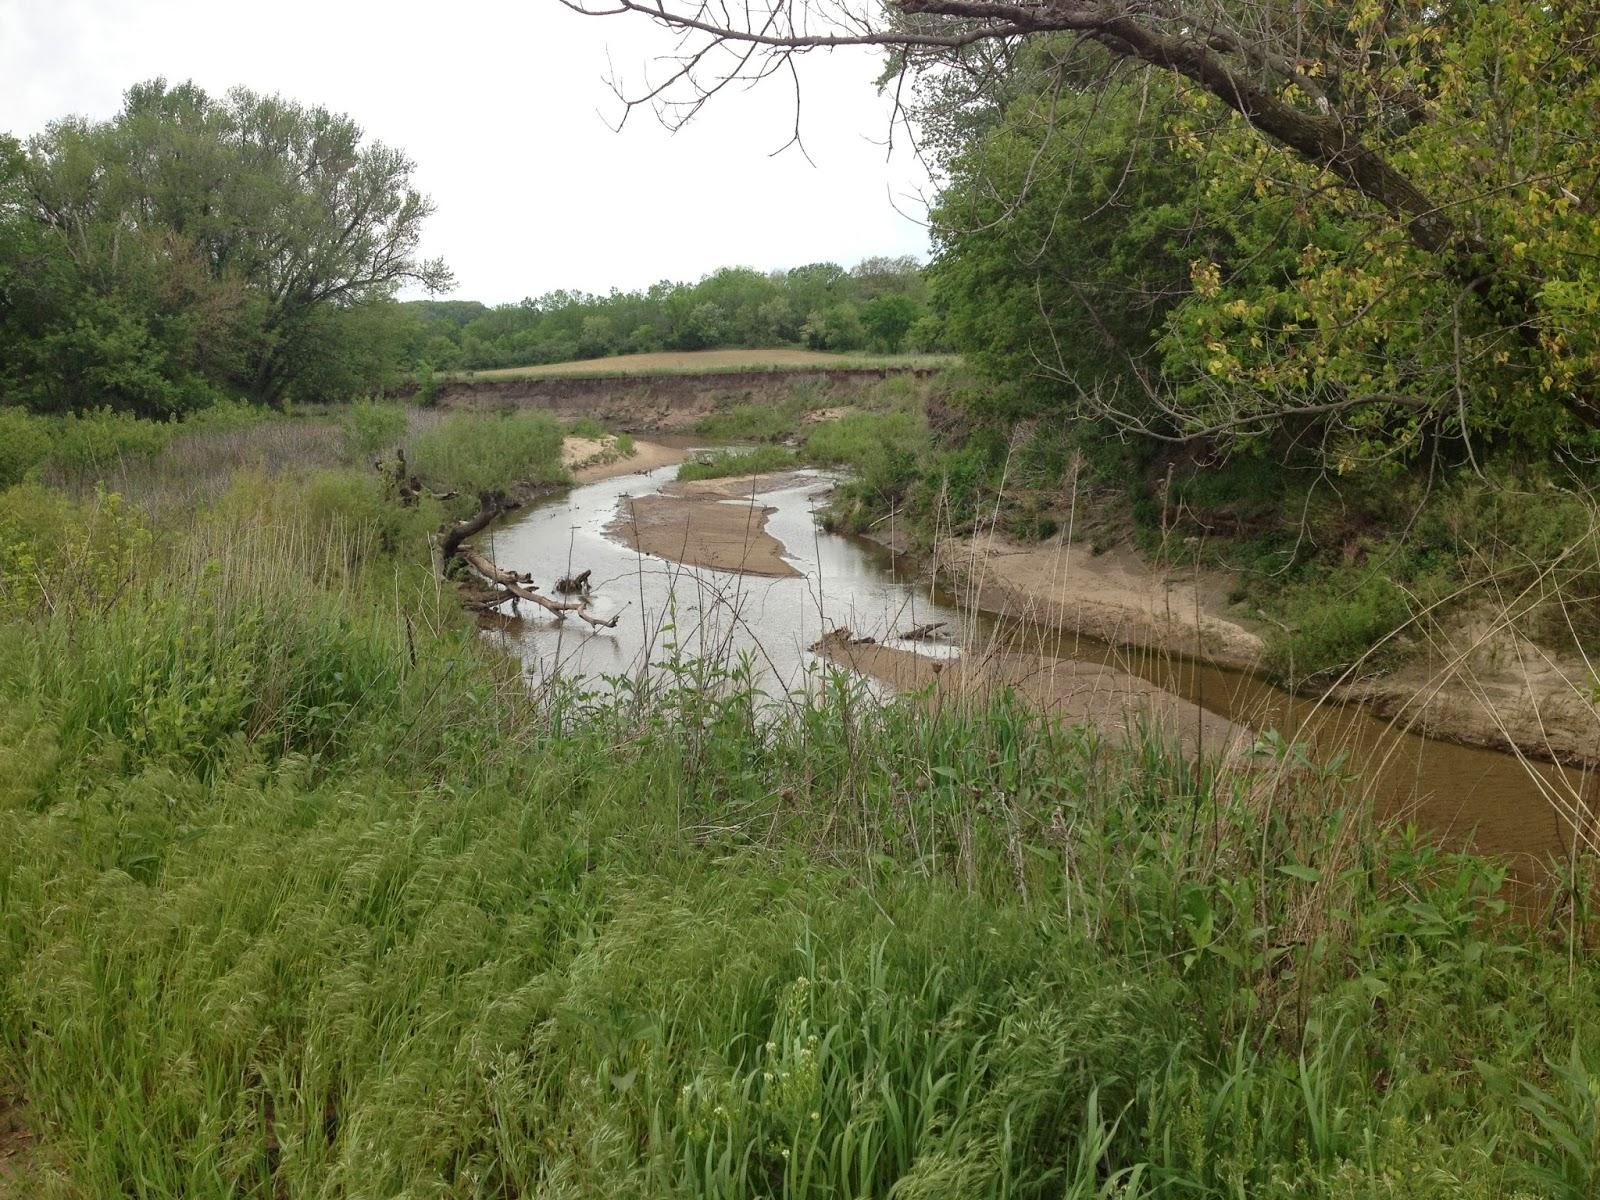 100 Des Plaines River Trail Wikipedia About Joliet City